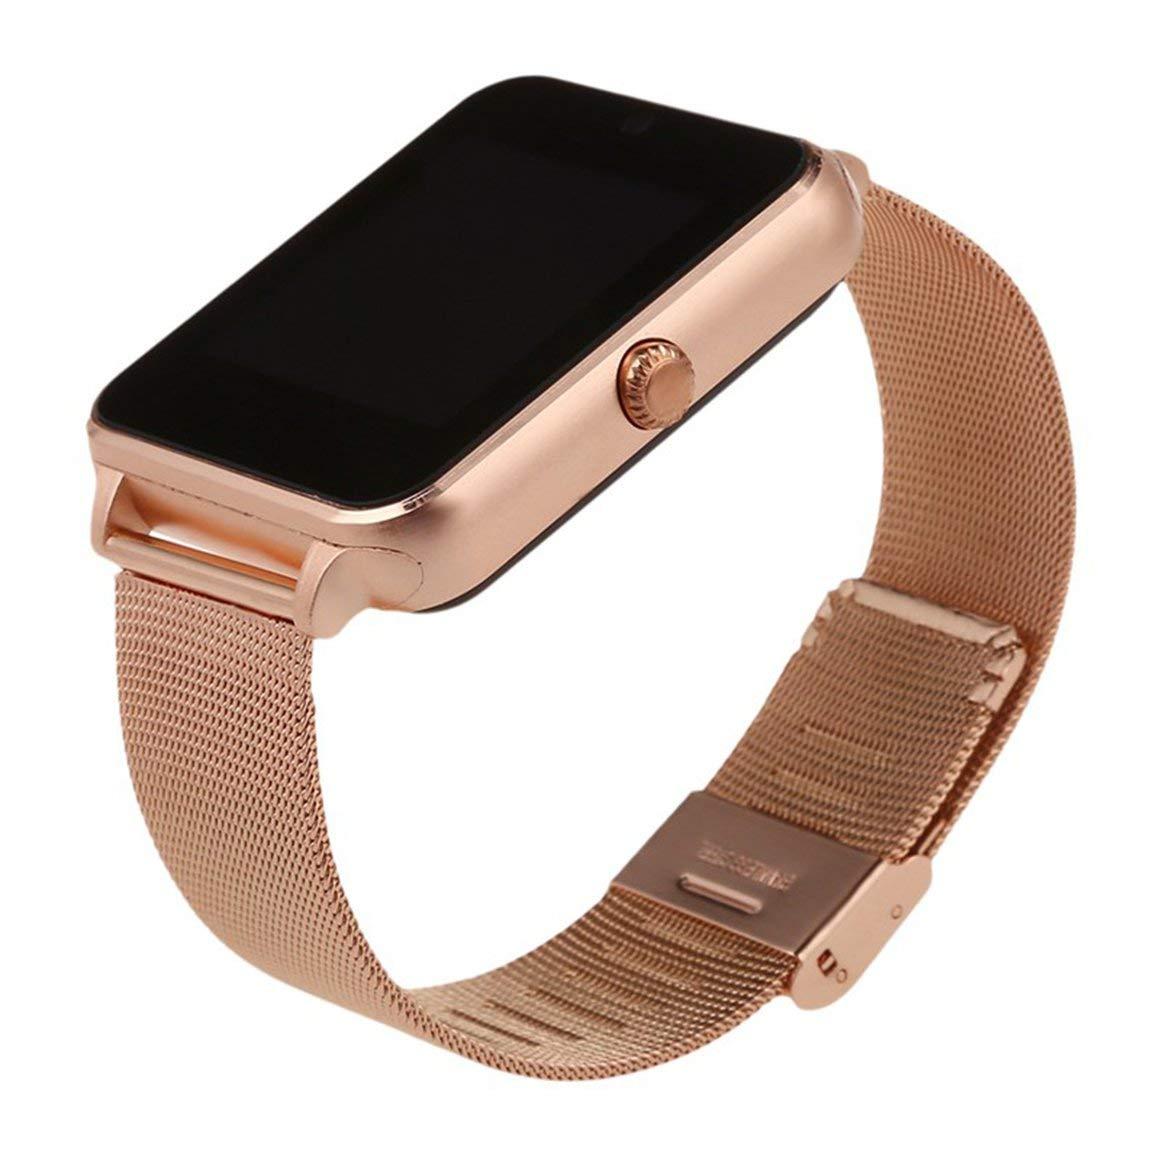 Funnyrunstore Personalidad de la Moda Smart Watch gsm SIM ...